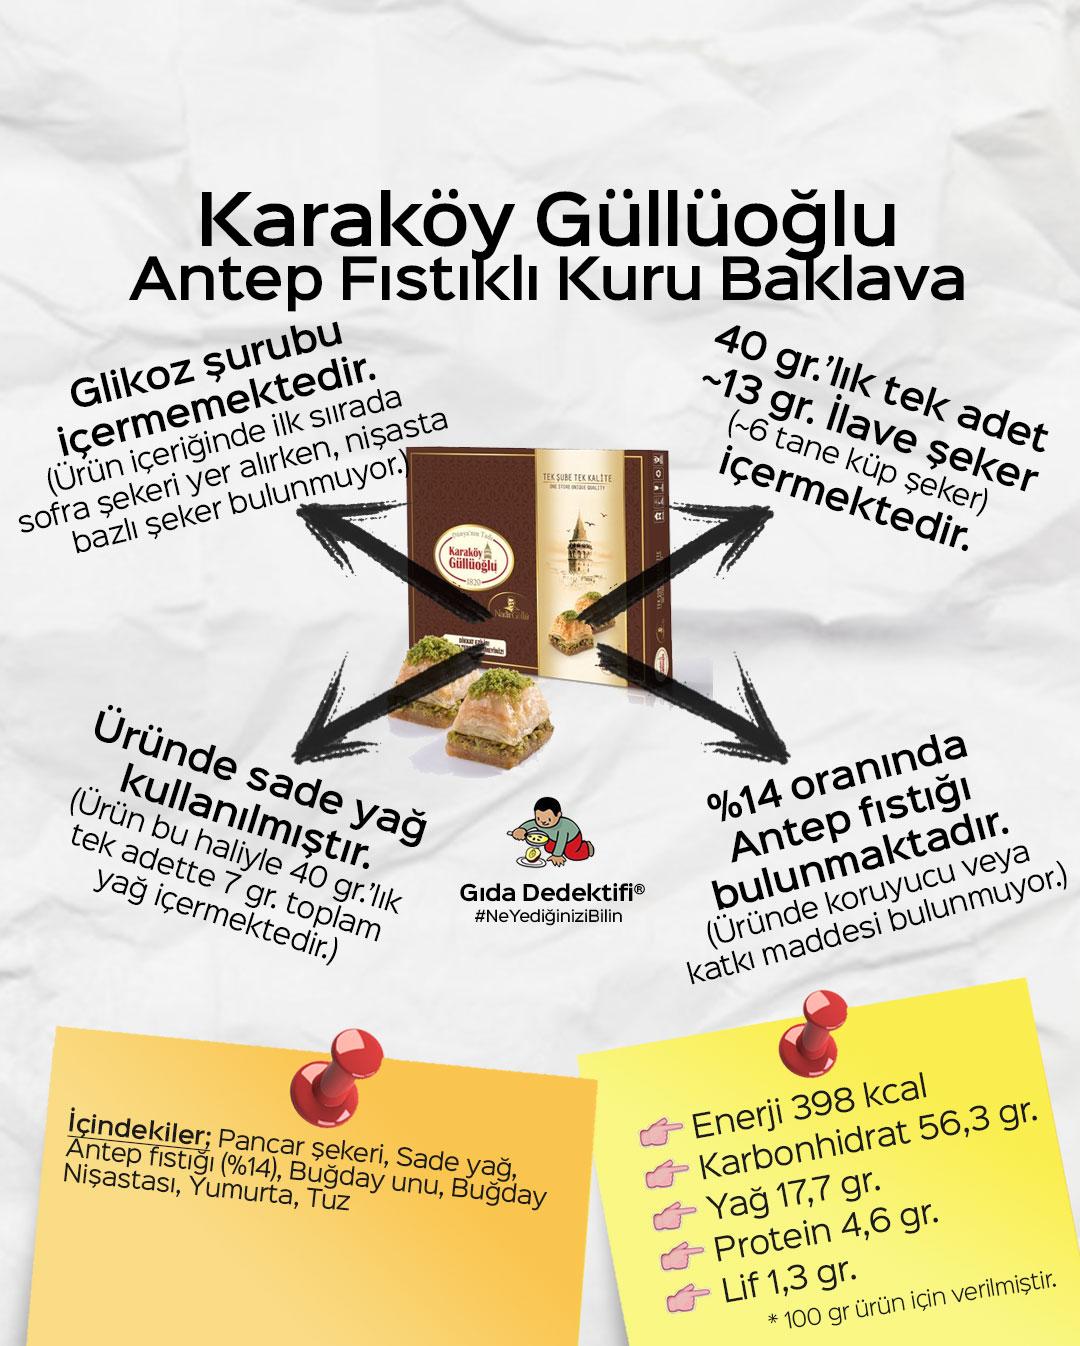 Karaköy Gülloğlu Antep Fıstıklı Kuru Baklava - Gıda Dedektifi